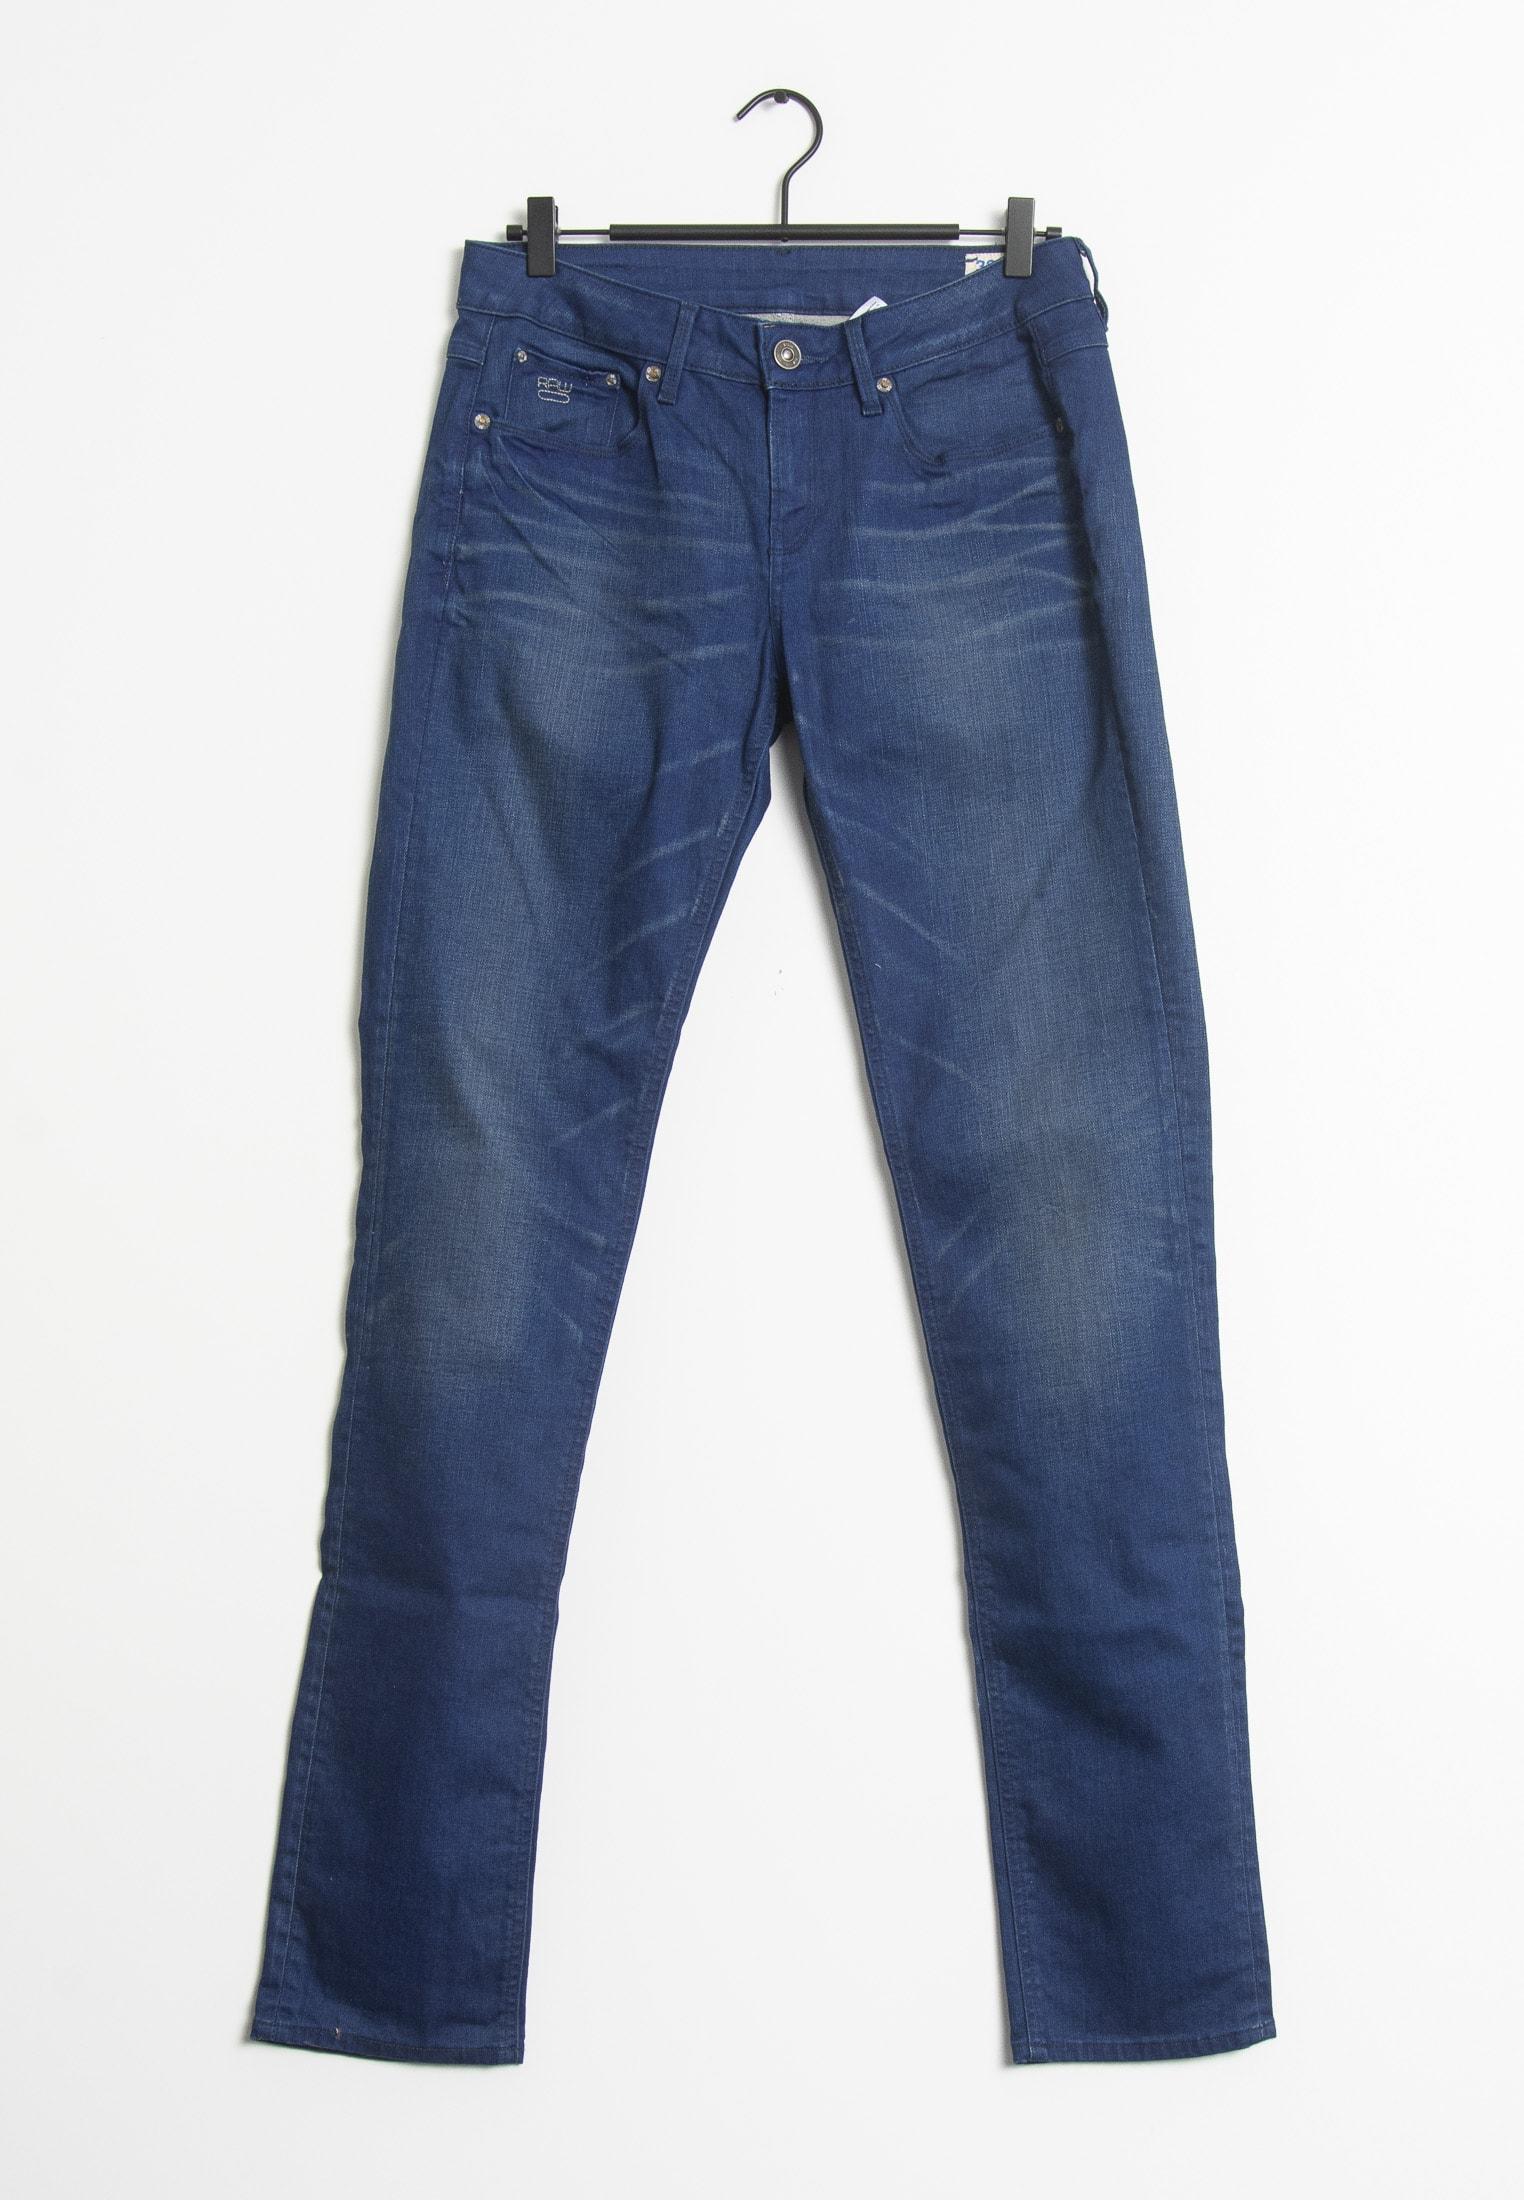 G-Star Jeans Blau Gr.W30 L34